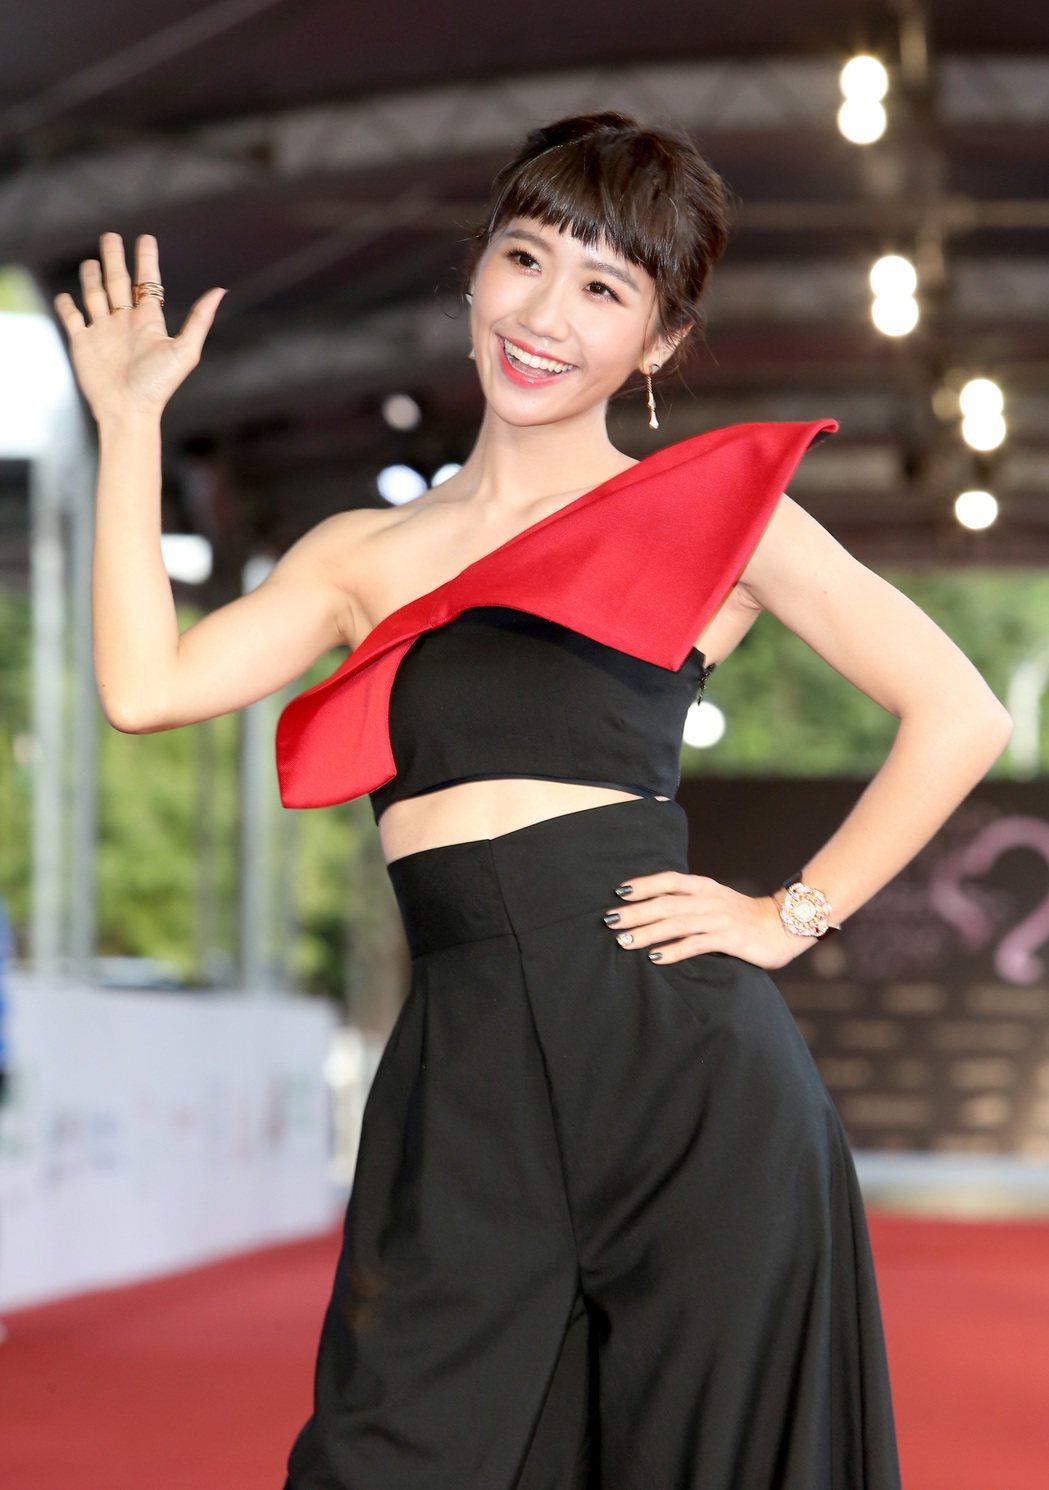 第52屆金鐘獎LuLu黃路梓茵擔任星光大道主持人。記者陳立凱/攝影